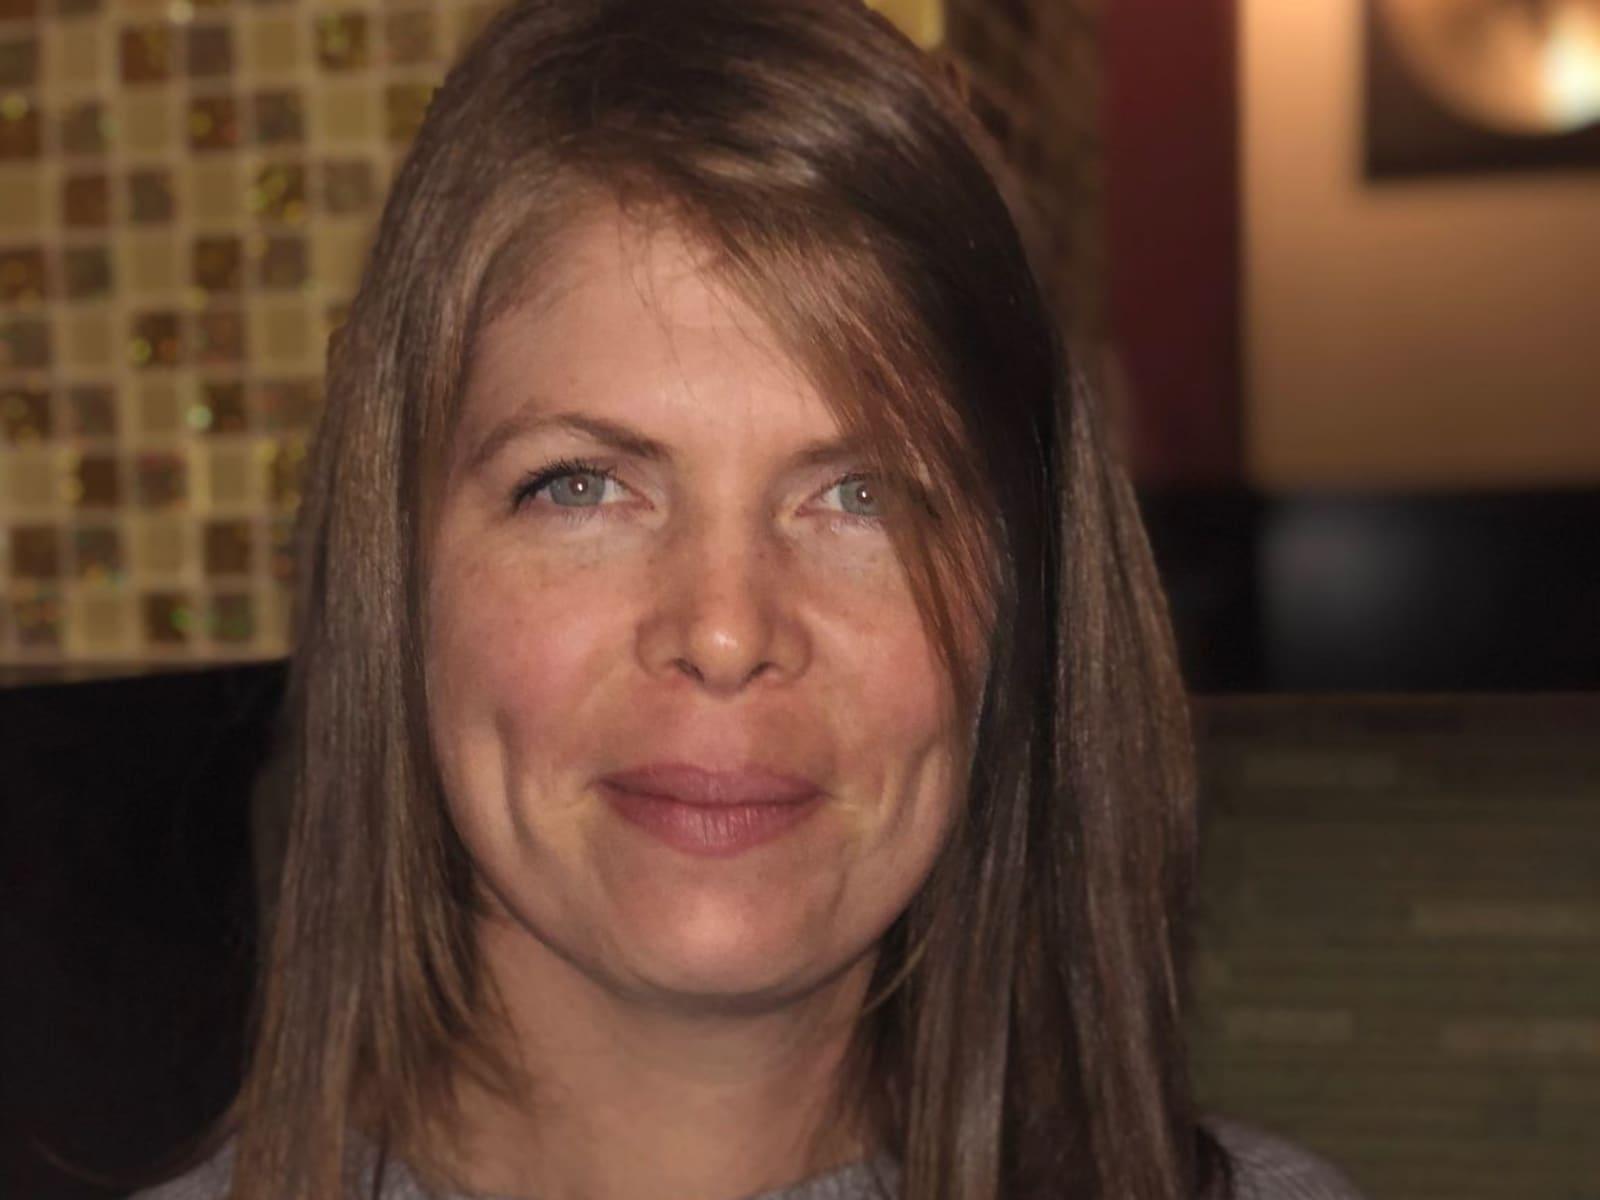 Amy from Boise, Idaho, United States